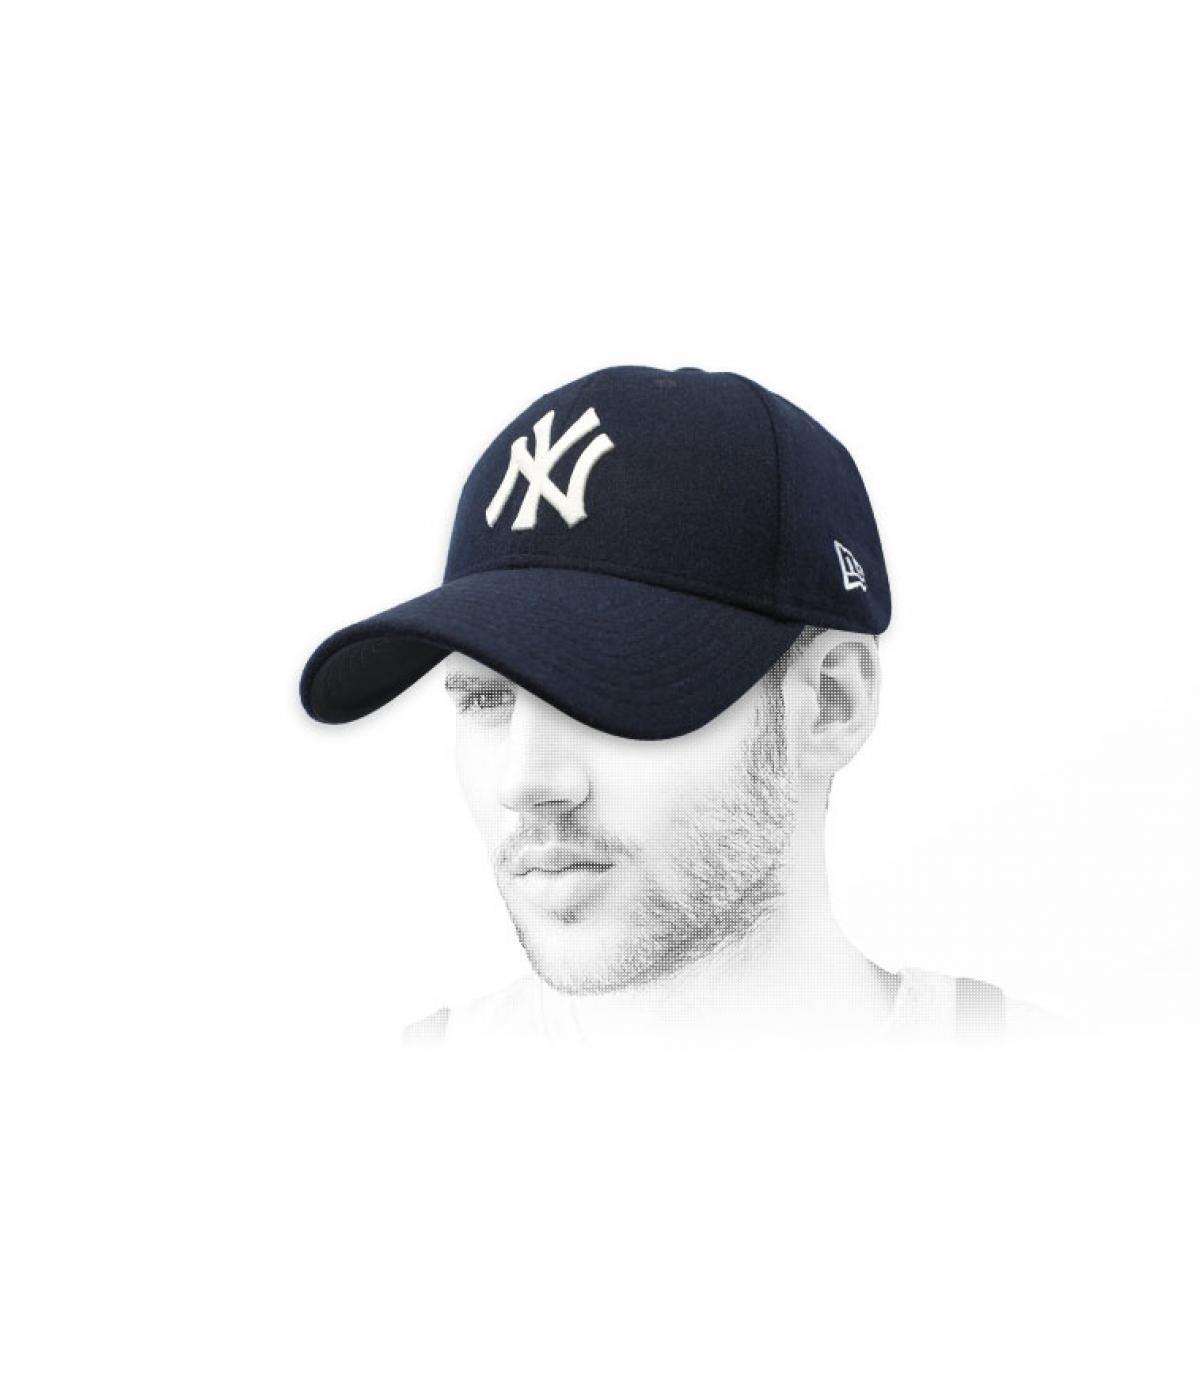 Cap NY blau Wolle